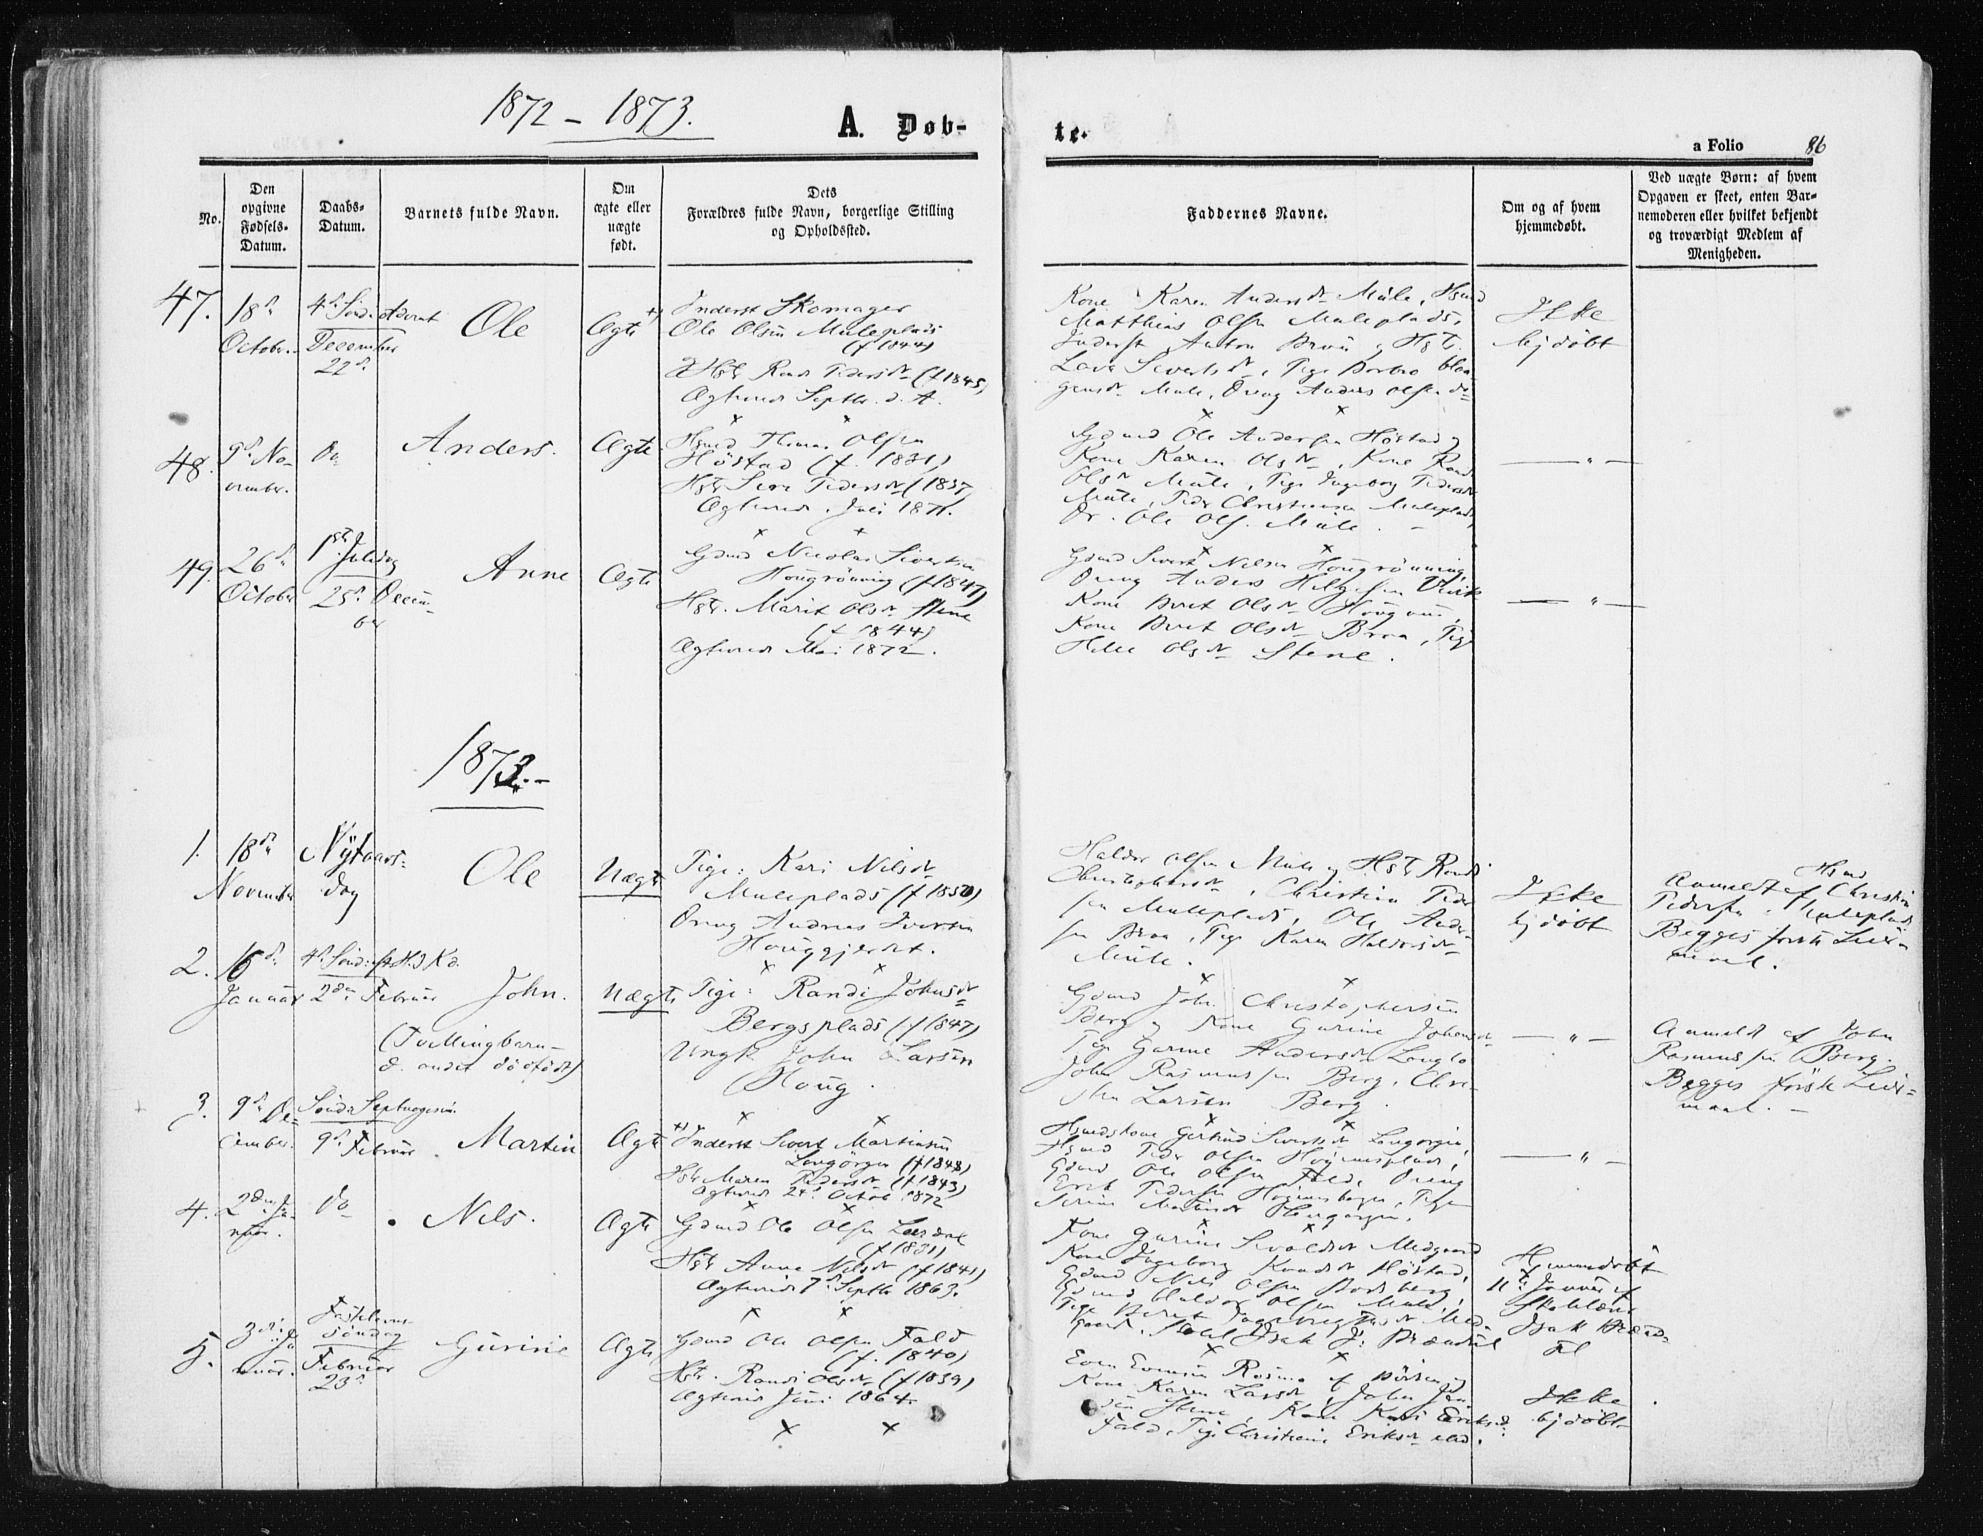 SAT, Ministerialprotokoller, klokkerbøker og fødselsregistre - Sør-Trøndelag, 612/L0377: Ministerialbok nr. 612A09, 1859-1877, s. 86